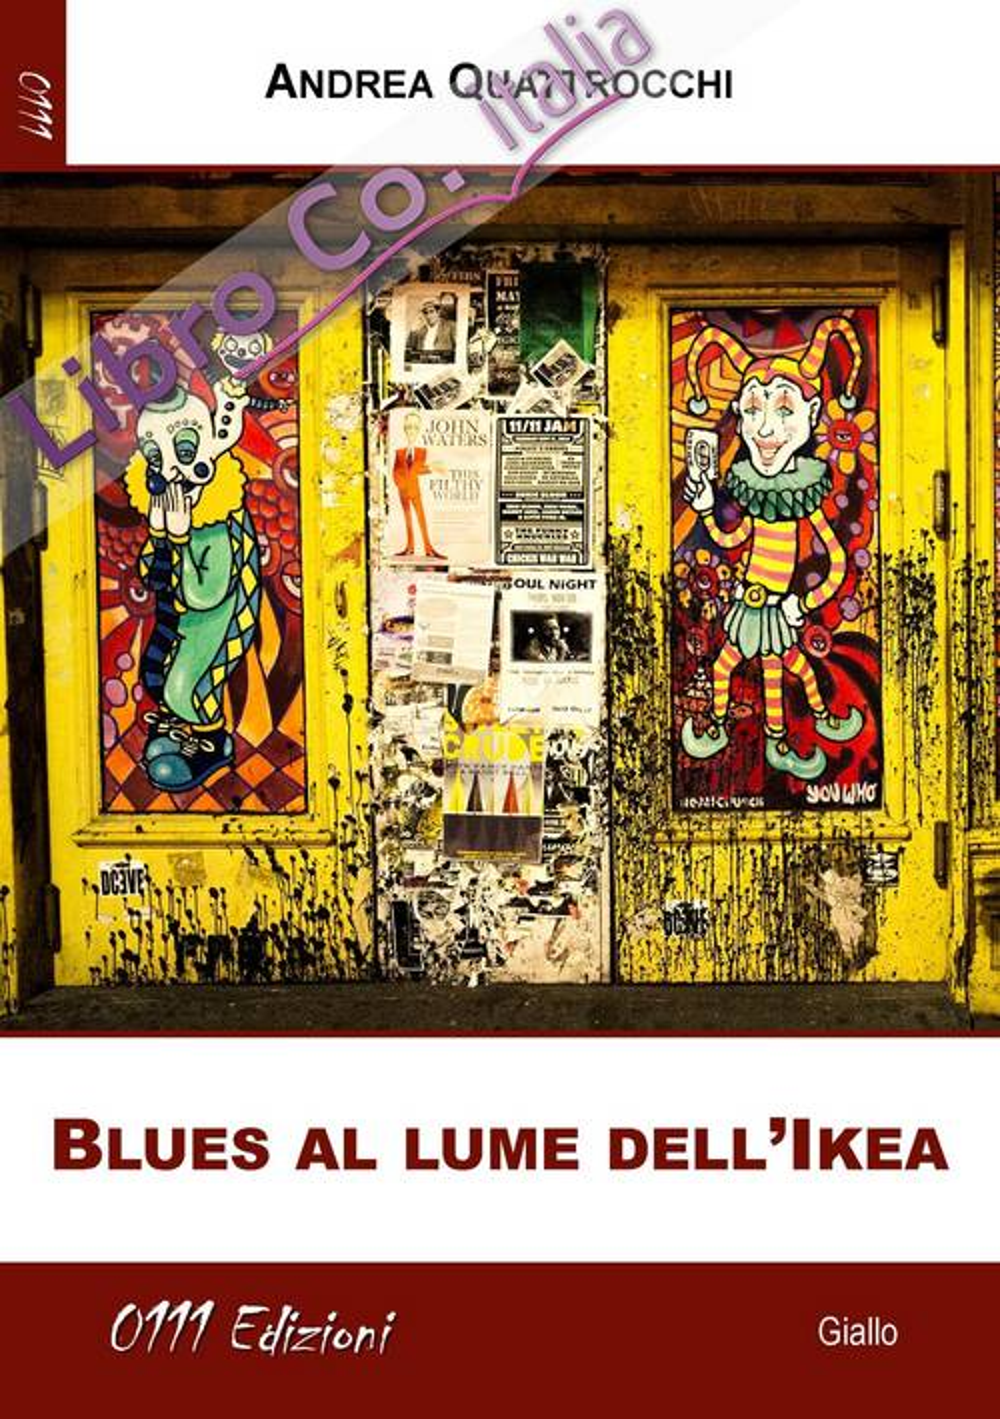 Blues al lume dell'Ikea